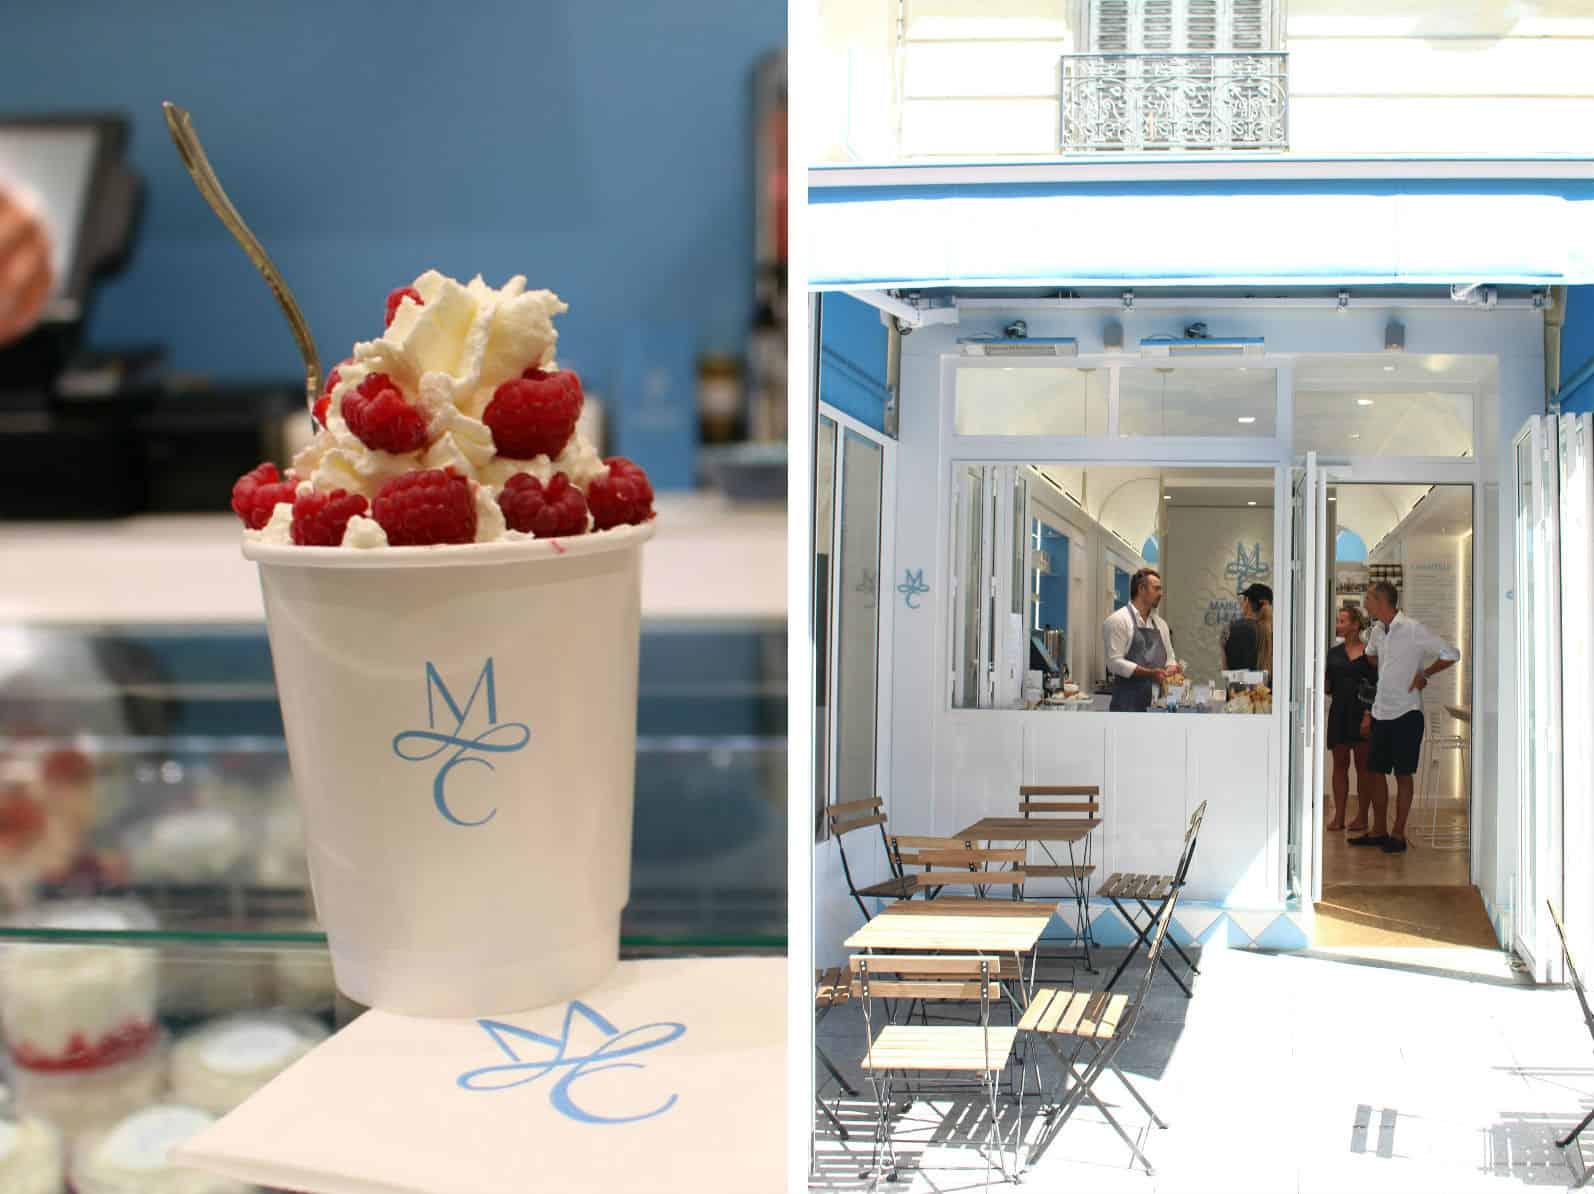 HiP Paris blog. Maison de la Chantilly. Treats and seats